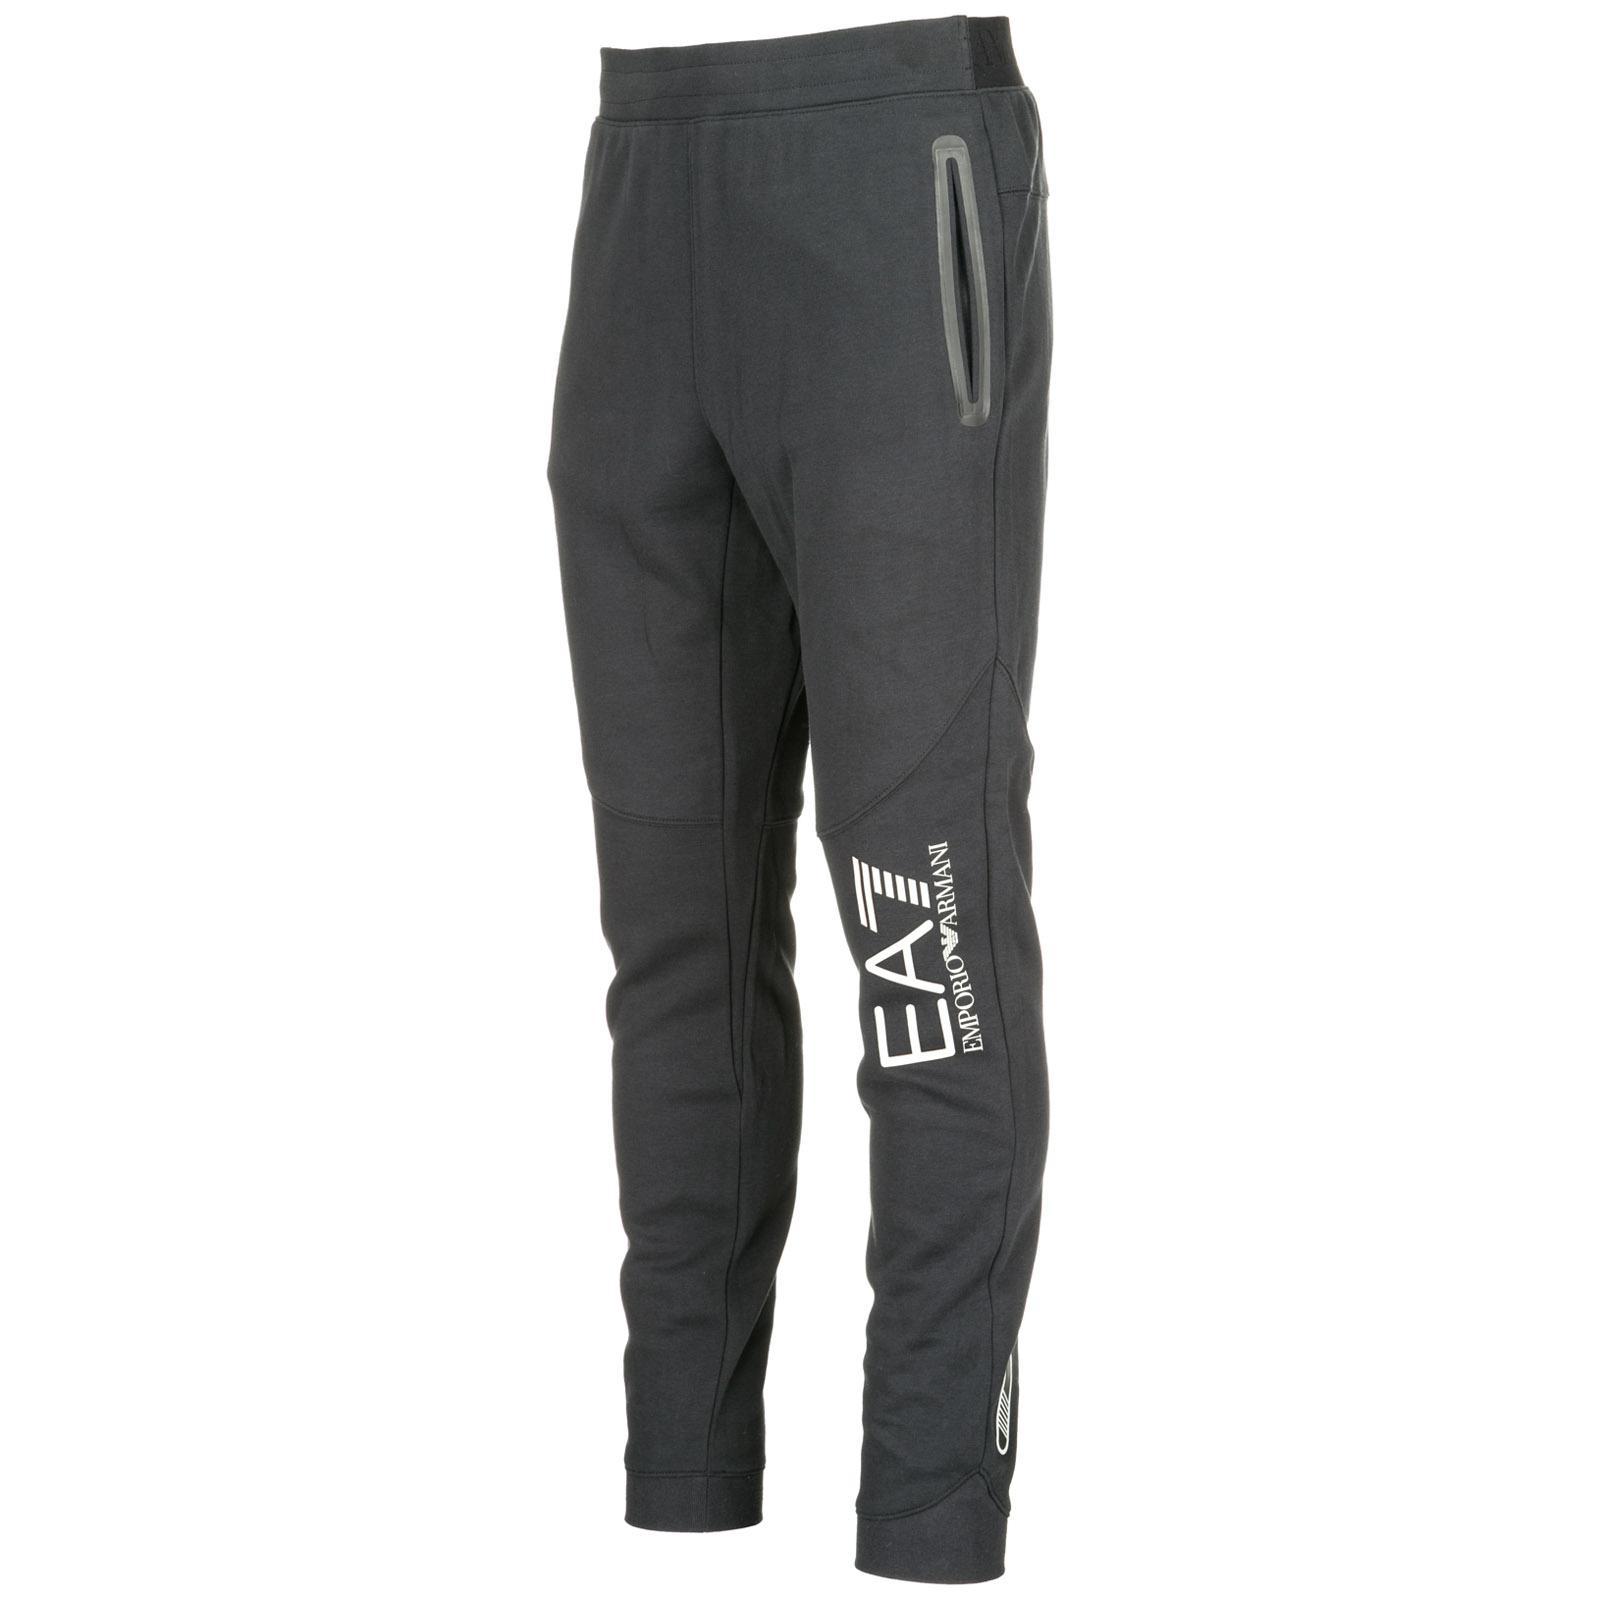 Lyst - Ea7 Pantaloni Tuta Uomo in Black for Men 78e76a304462